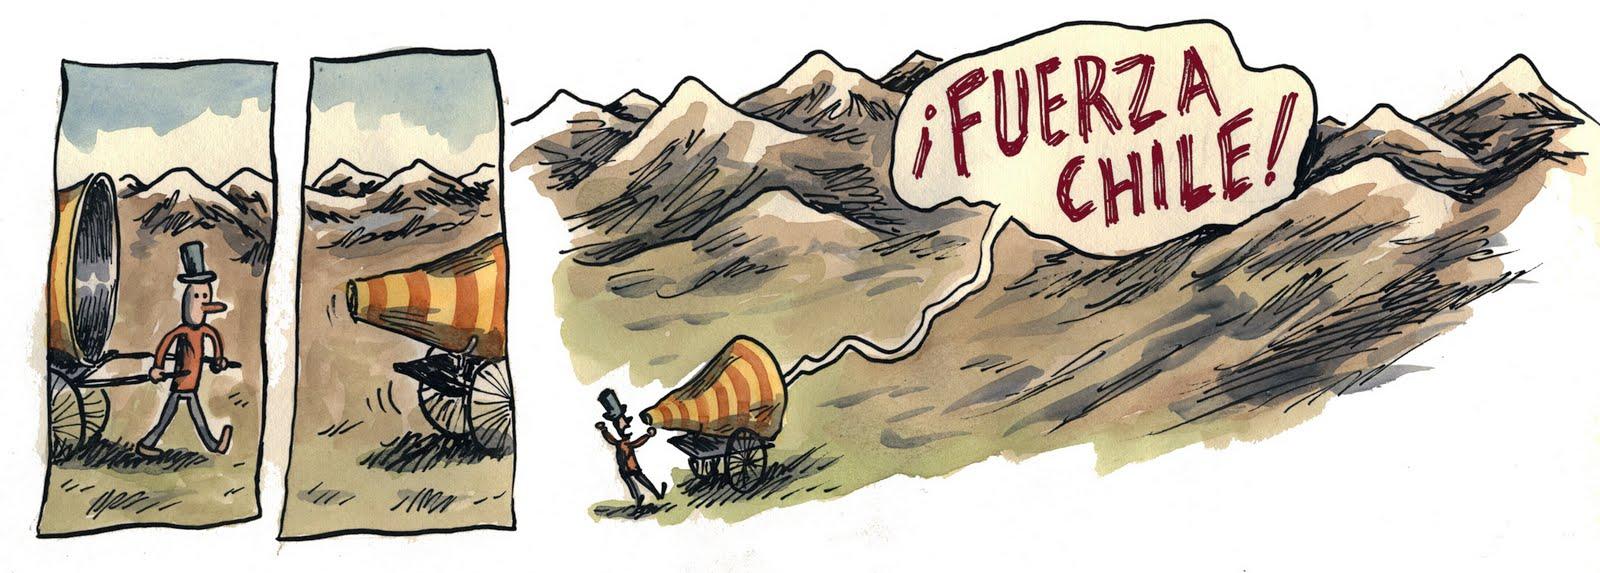 Fuerza Chile!